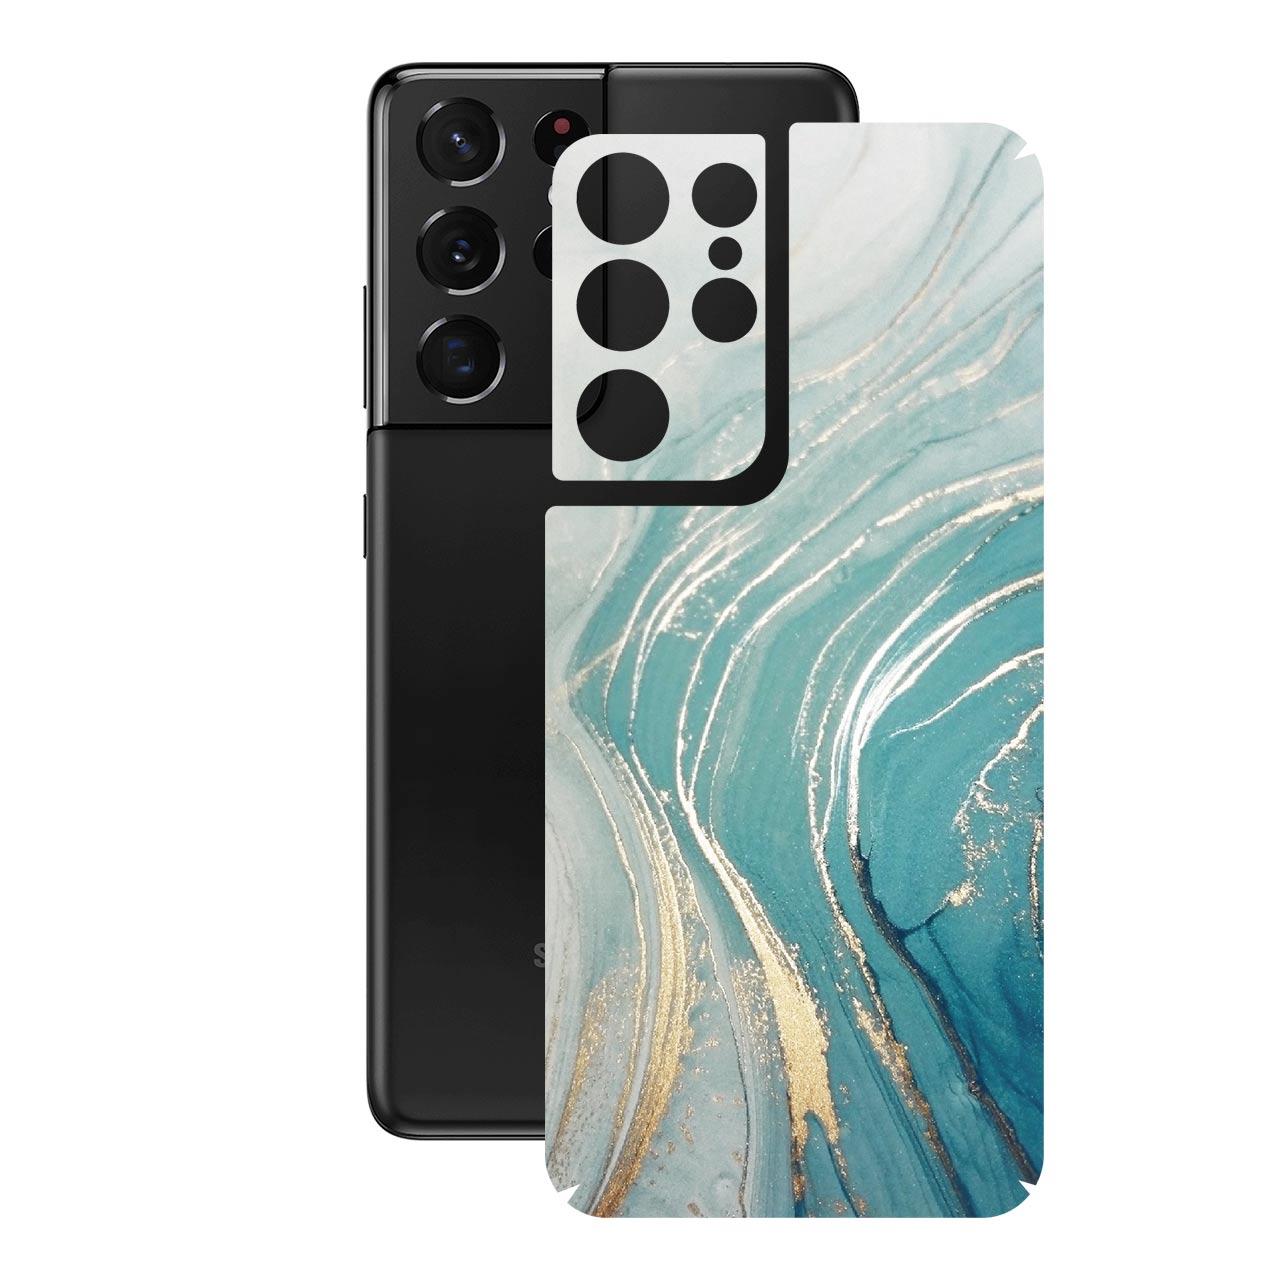 برچسب پوششی راک اسپیس مدل Marble-GN مناسب برای گوشی موبایل  سامسونگ  Galaxy S21 Ultra